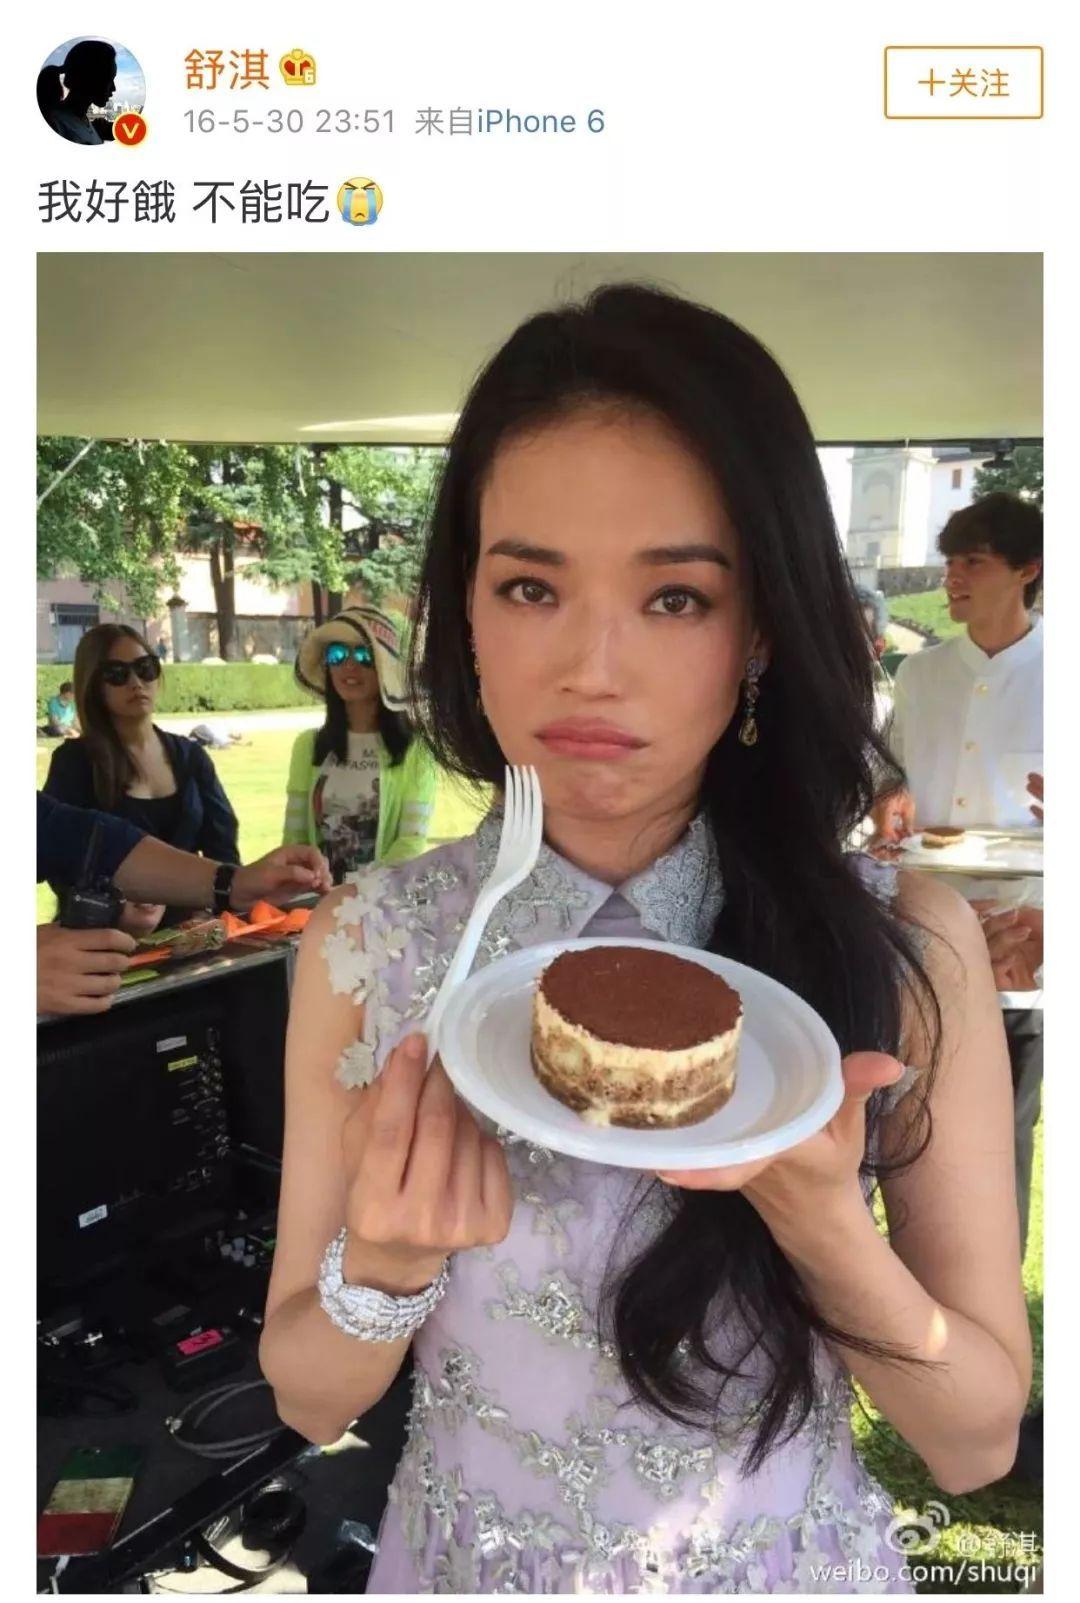 多吃一粒米都要说对不起!想知道女明星为什么都很瘦吗?